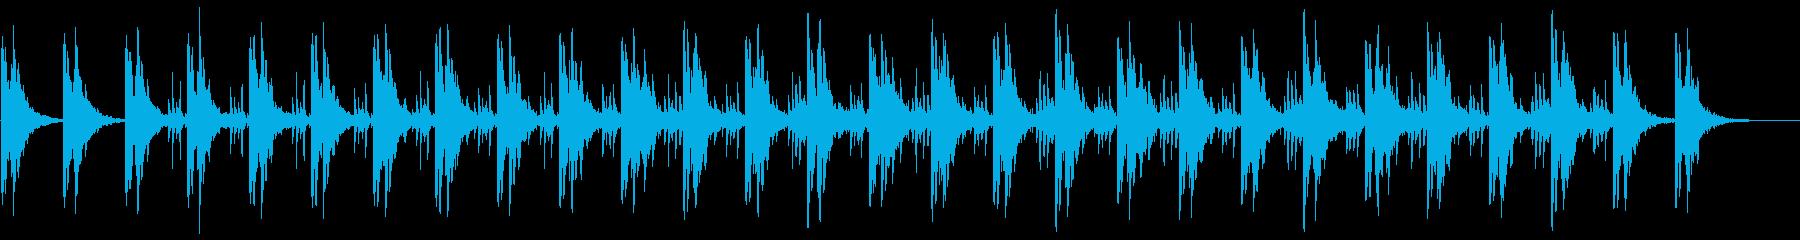 ミニマル系BGMの再生済みの波形